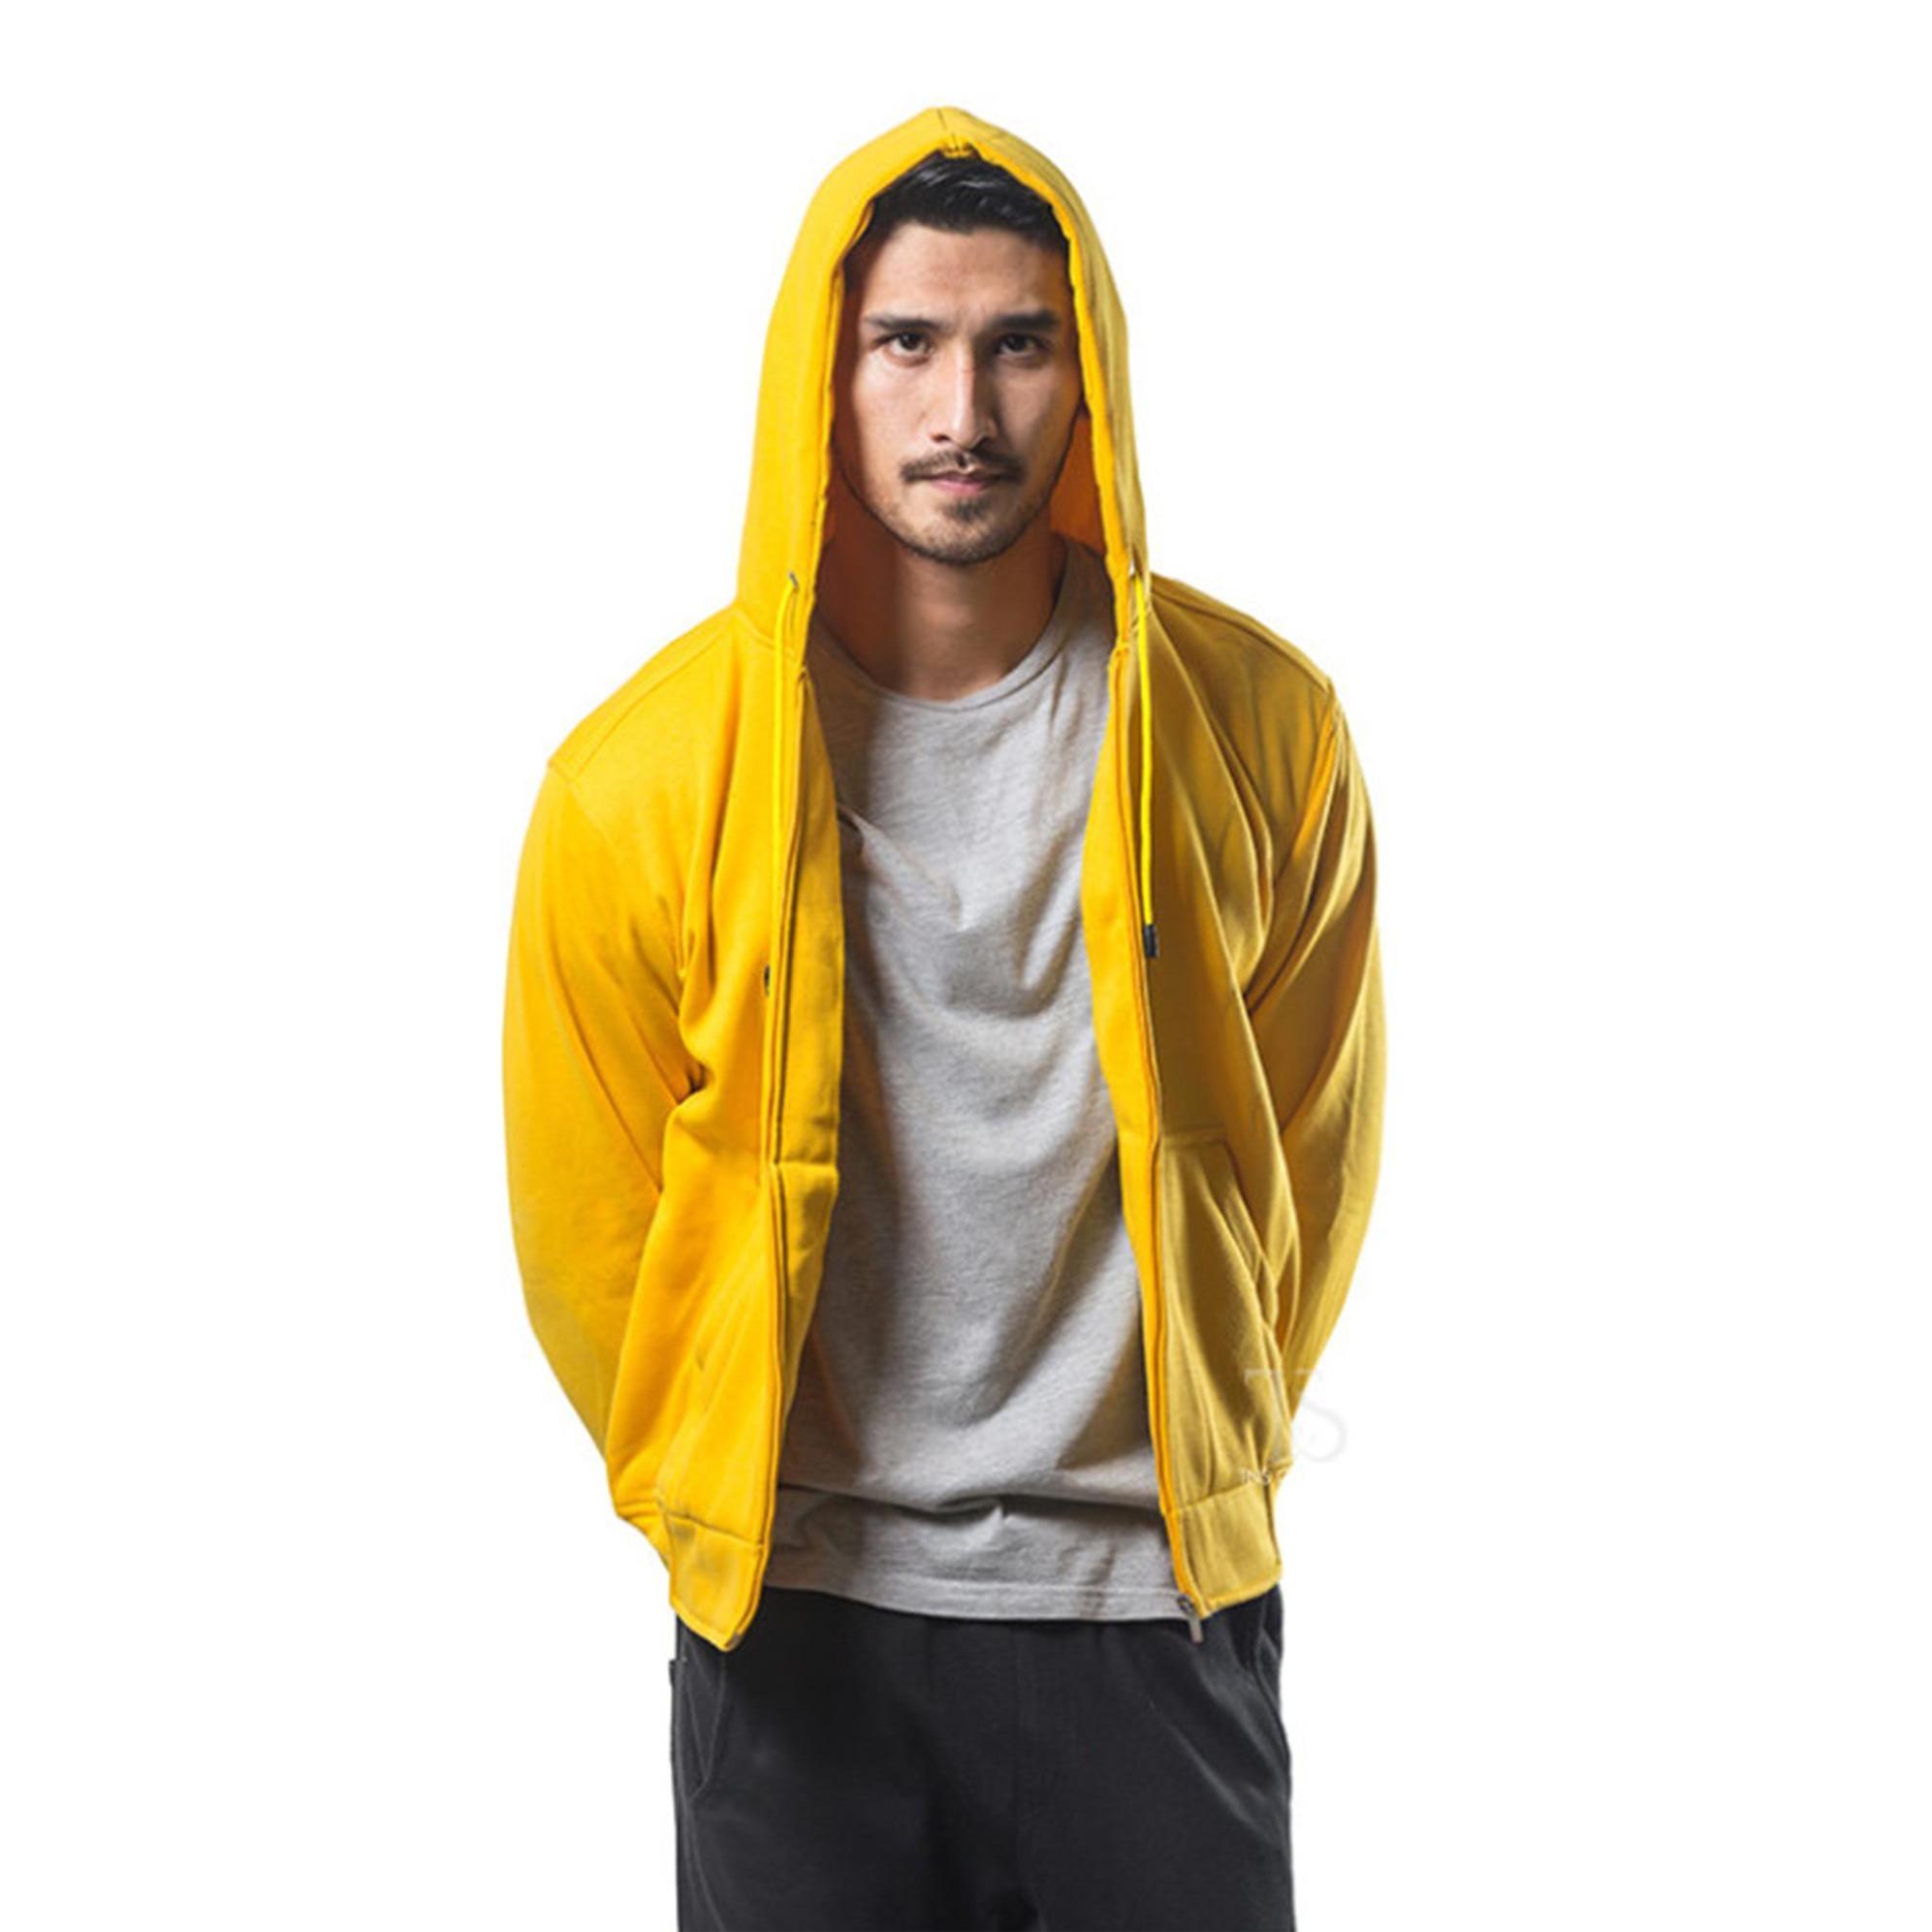 Cek Harga Baru Pria Hooded Coat Desain Polos Hoodie Kosong Jaket Hodie Bajukitaindonesia Zipper Kuning Dan Wanita